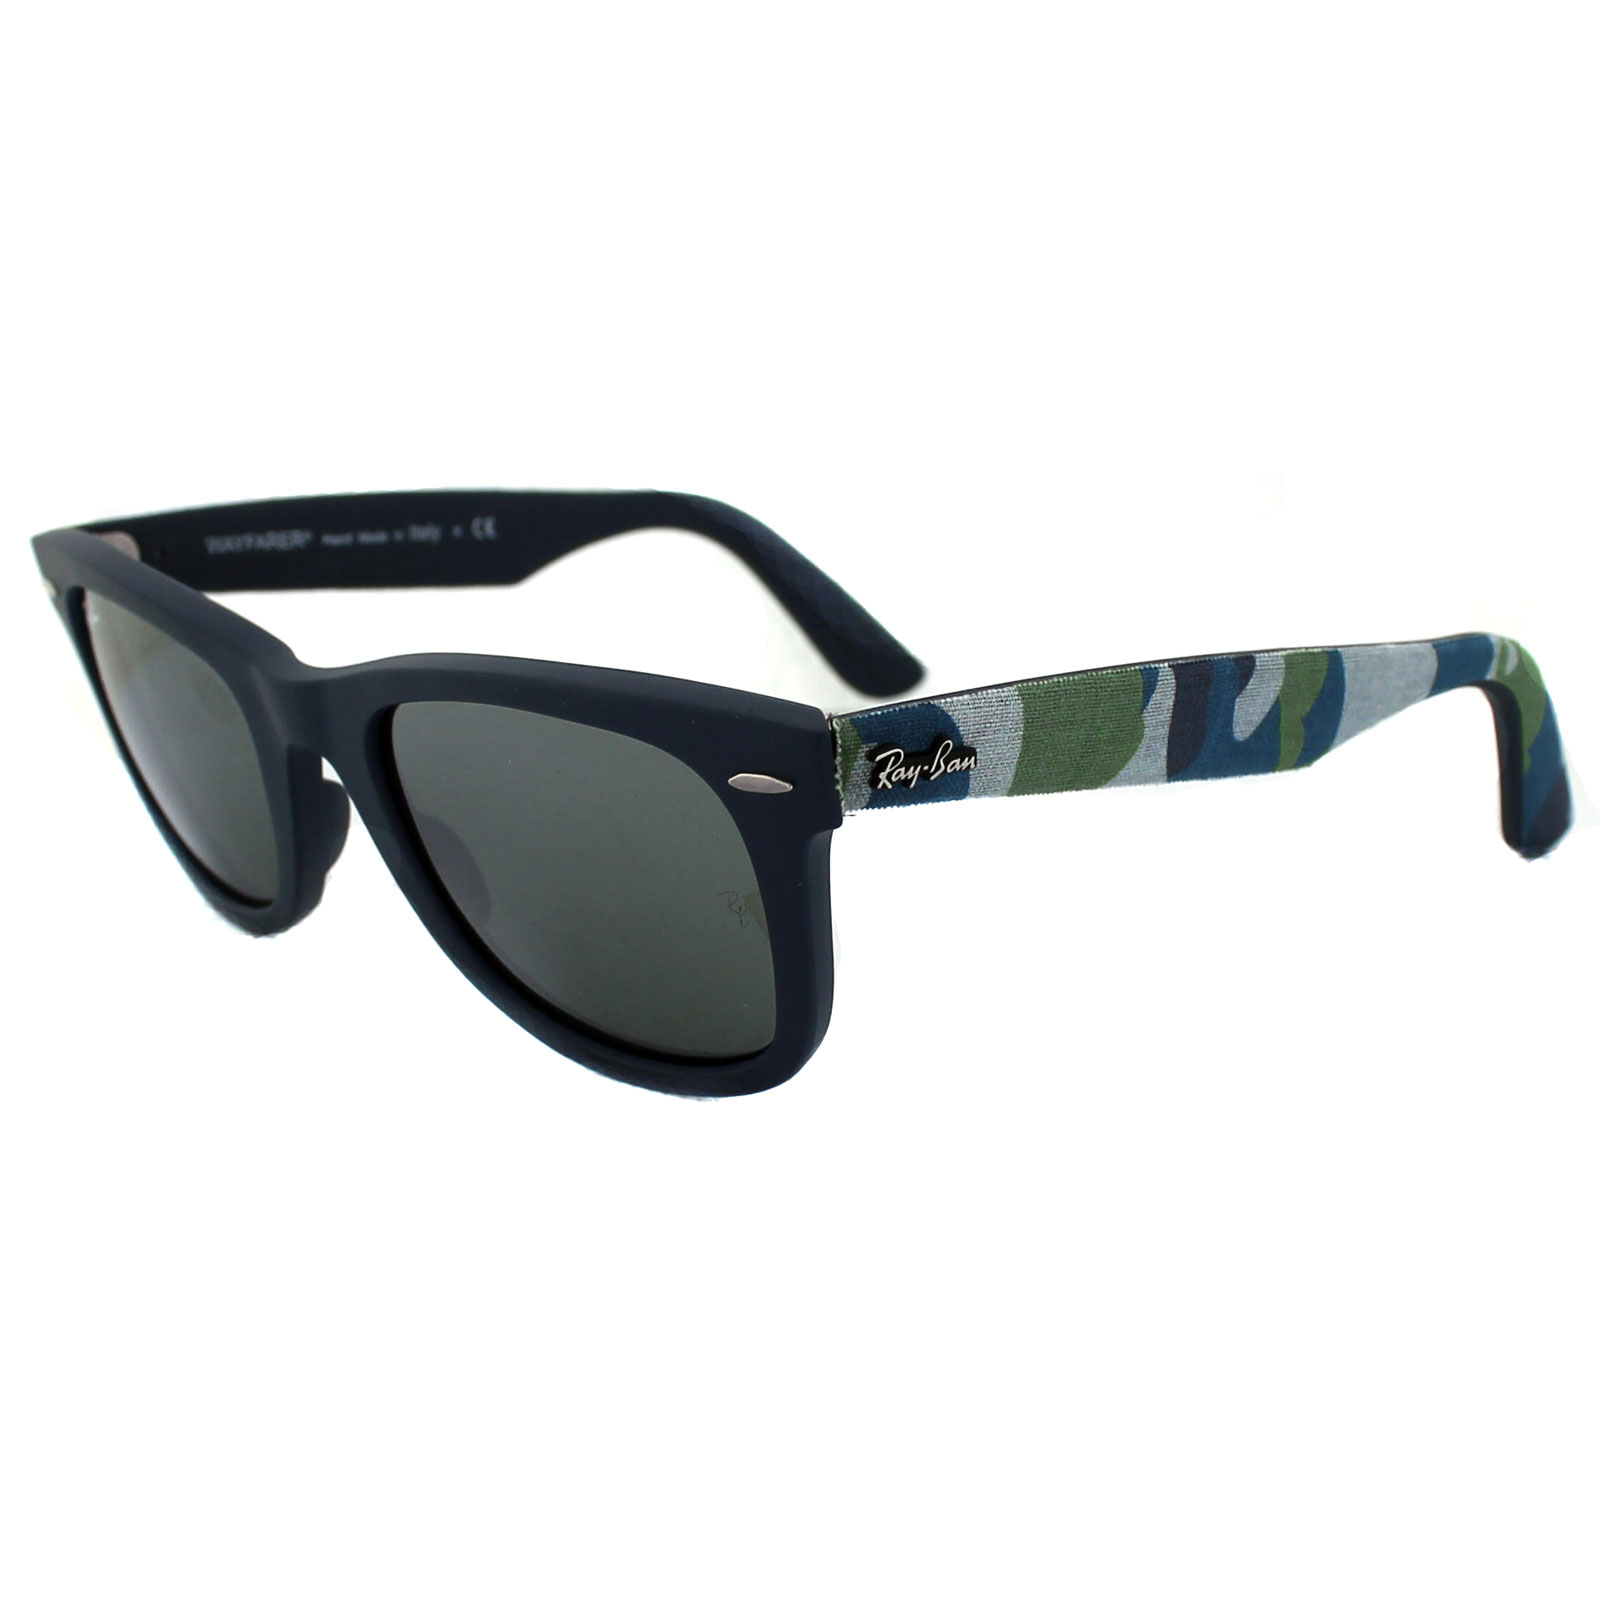 where can i buy cheap ray ban sunglasses  Ray-Ban Sunglasses Wayfarer 2140 606140 Urban Camo Matt Blue Grey ...